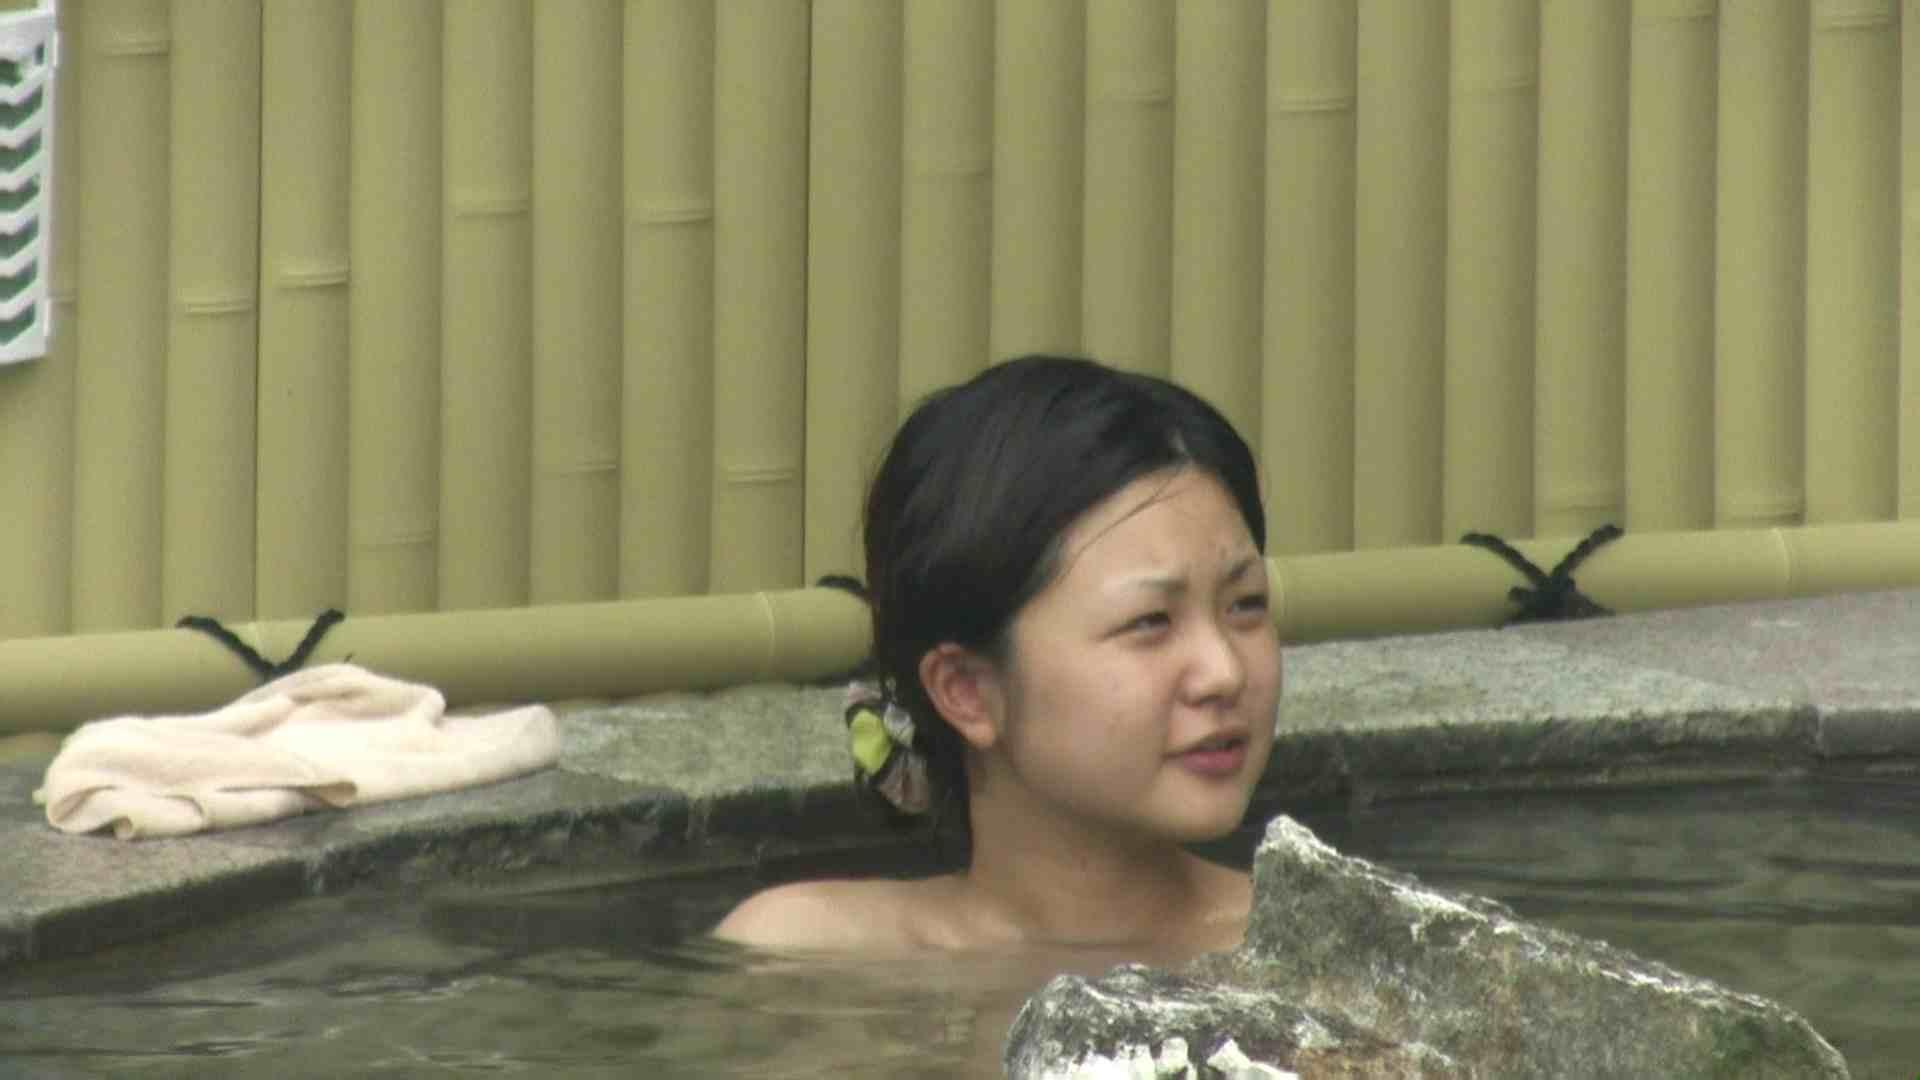 高画質露天女風呂観察 vol.032 HなOL えろ無修正画像 103pic 38